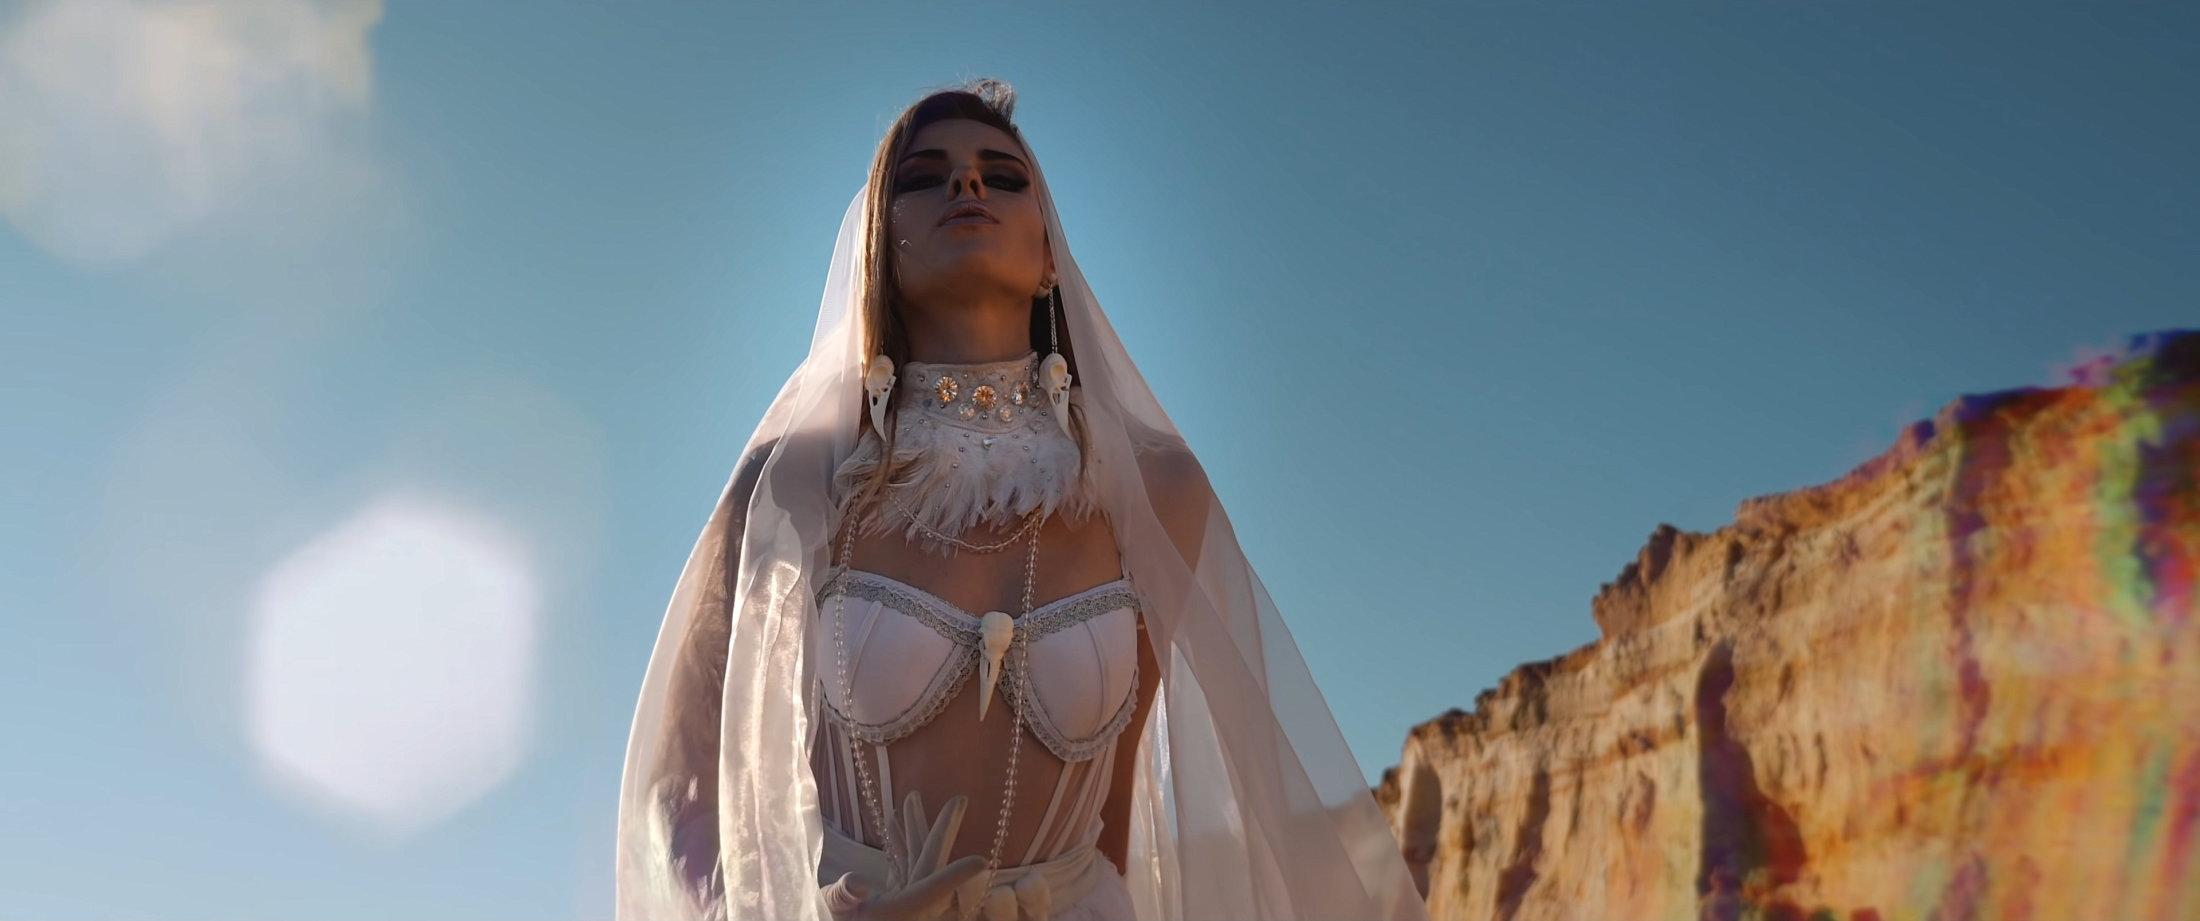 OMNIMAR - Feels Like Velvet (Official Video) 3-9 Screenshot